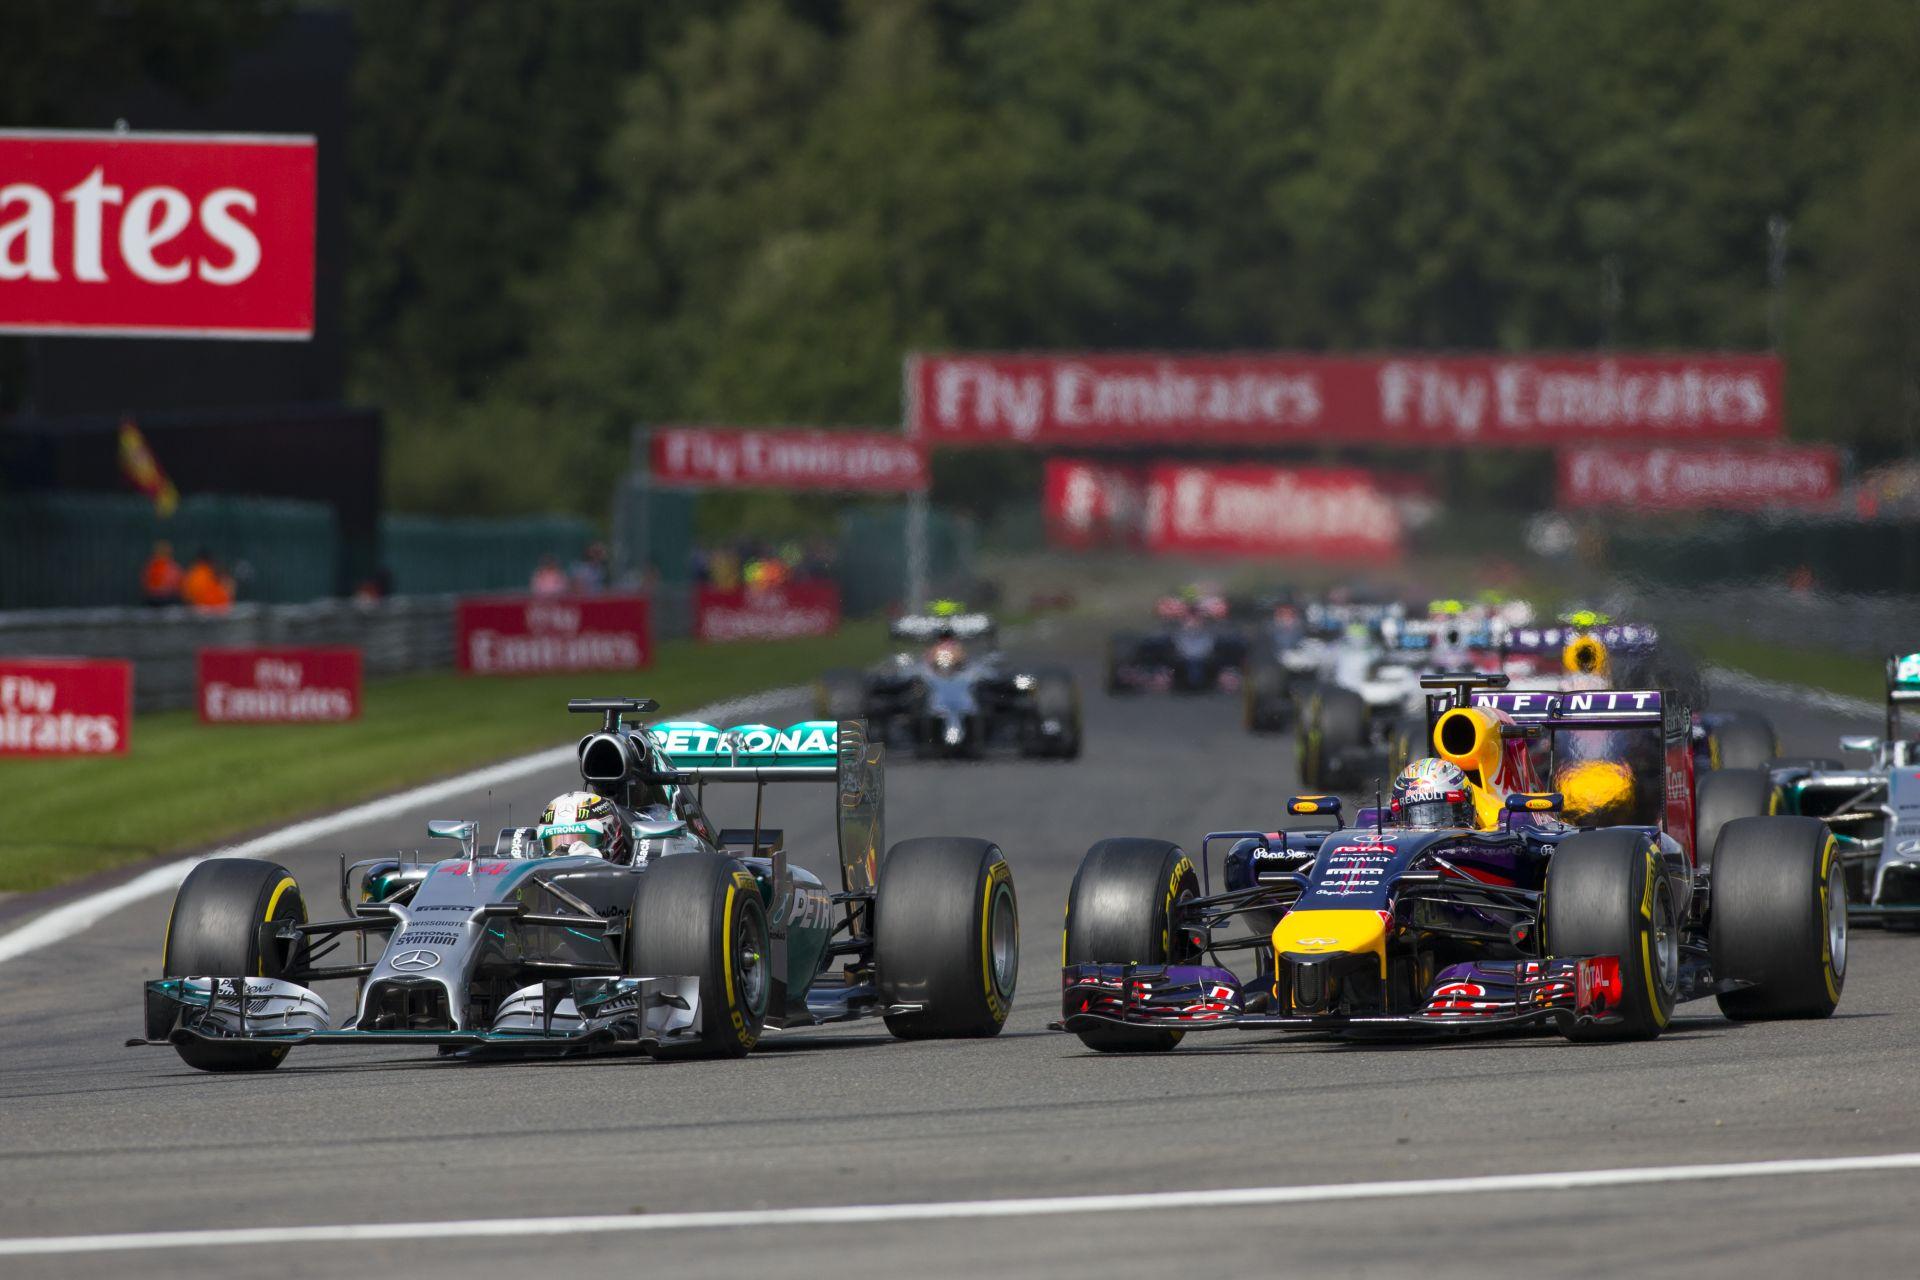 Ilyen hangos volt a 2014-es F1-es Belga Nagydíj startja: Amatőr felvétel